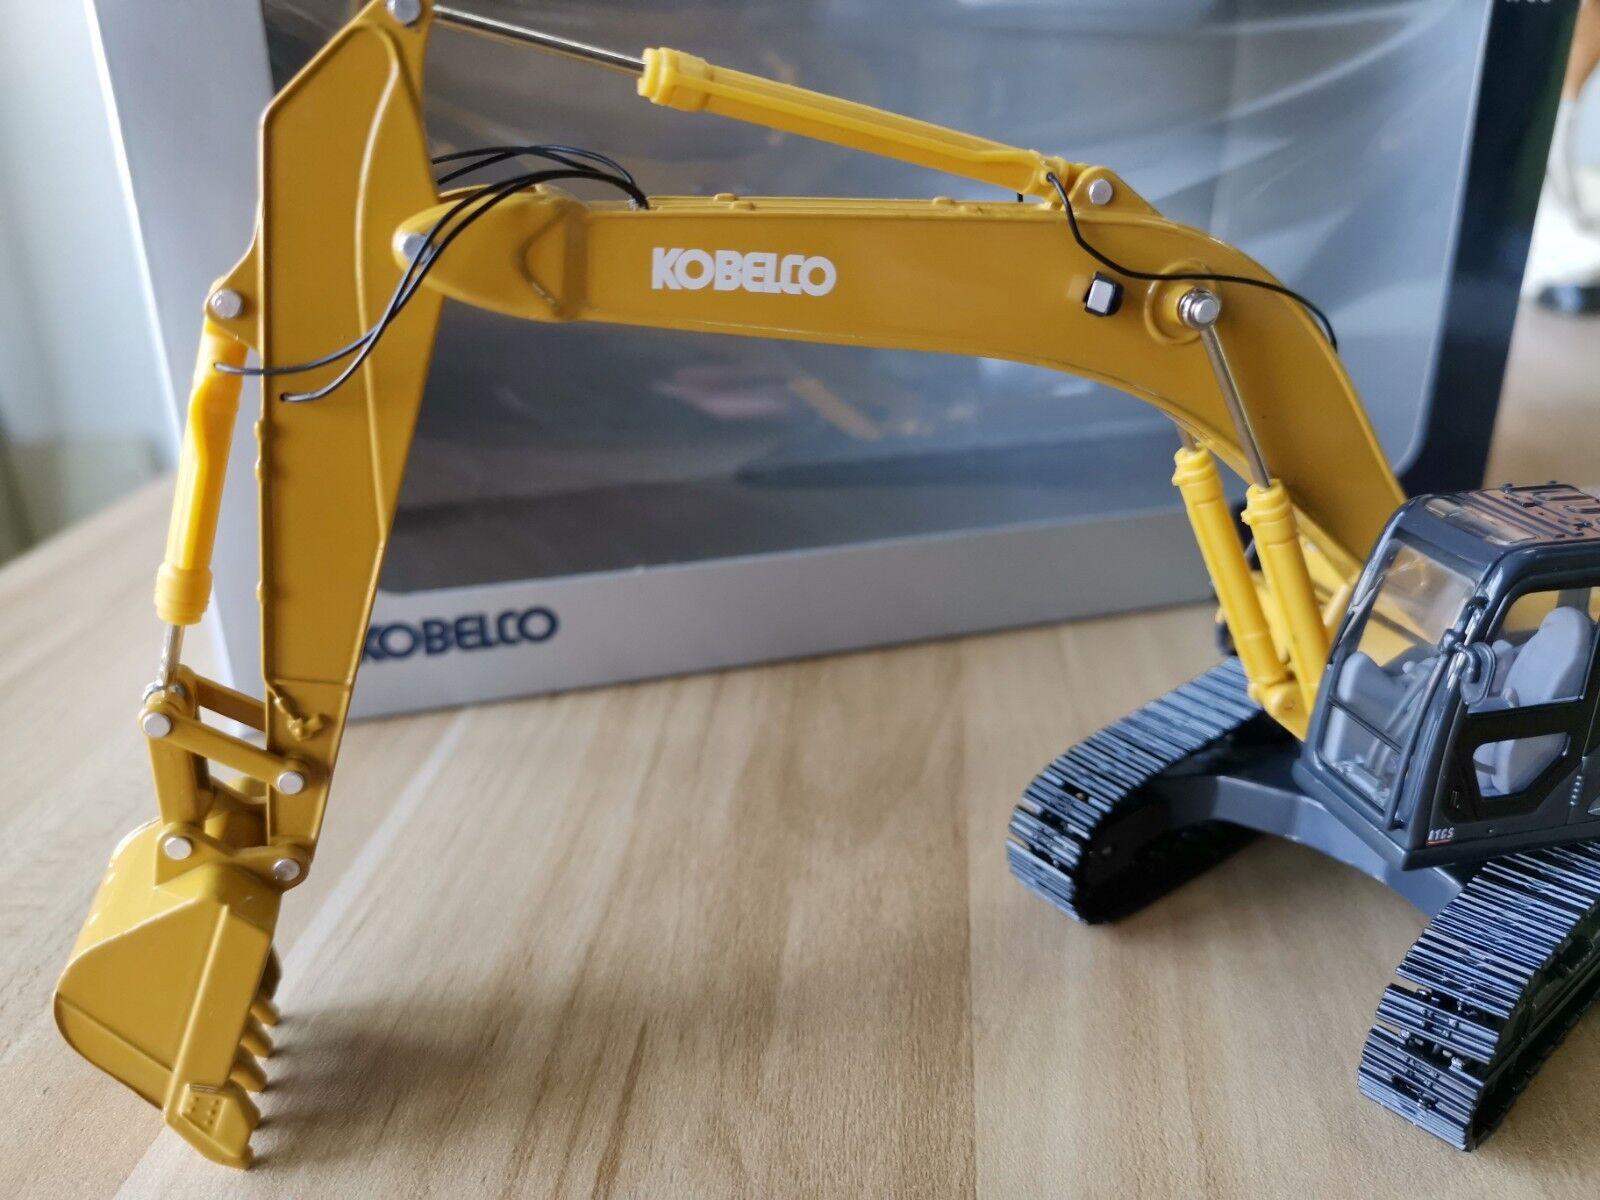 almacén al por mayor Excavadora Kobelco Kobelco Kobelco SK330-8 Excavator 1 50 escala Diecast Modelo del Coche de ingeniería de Color amarillo  barato